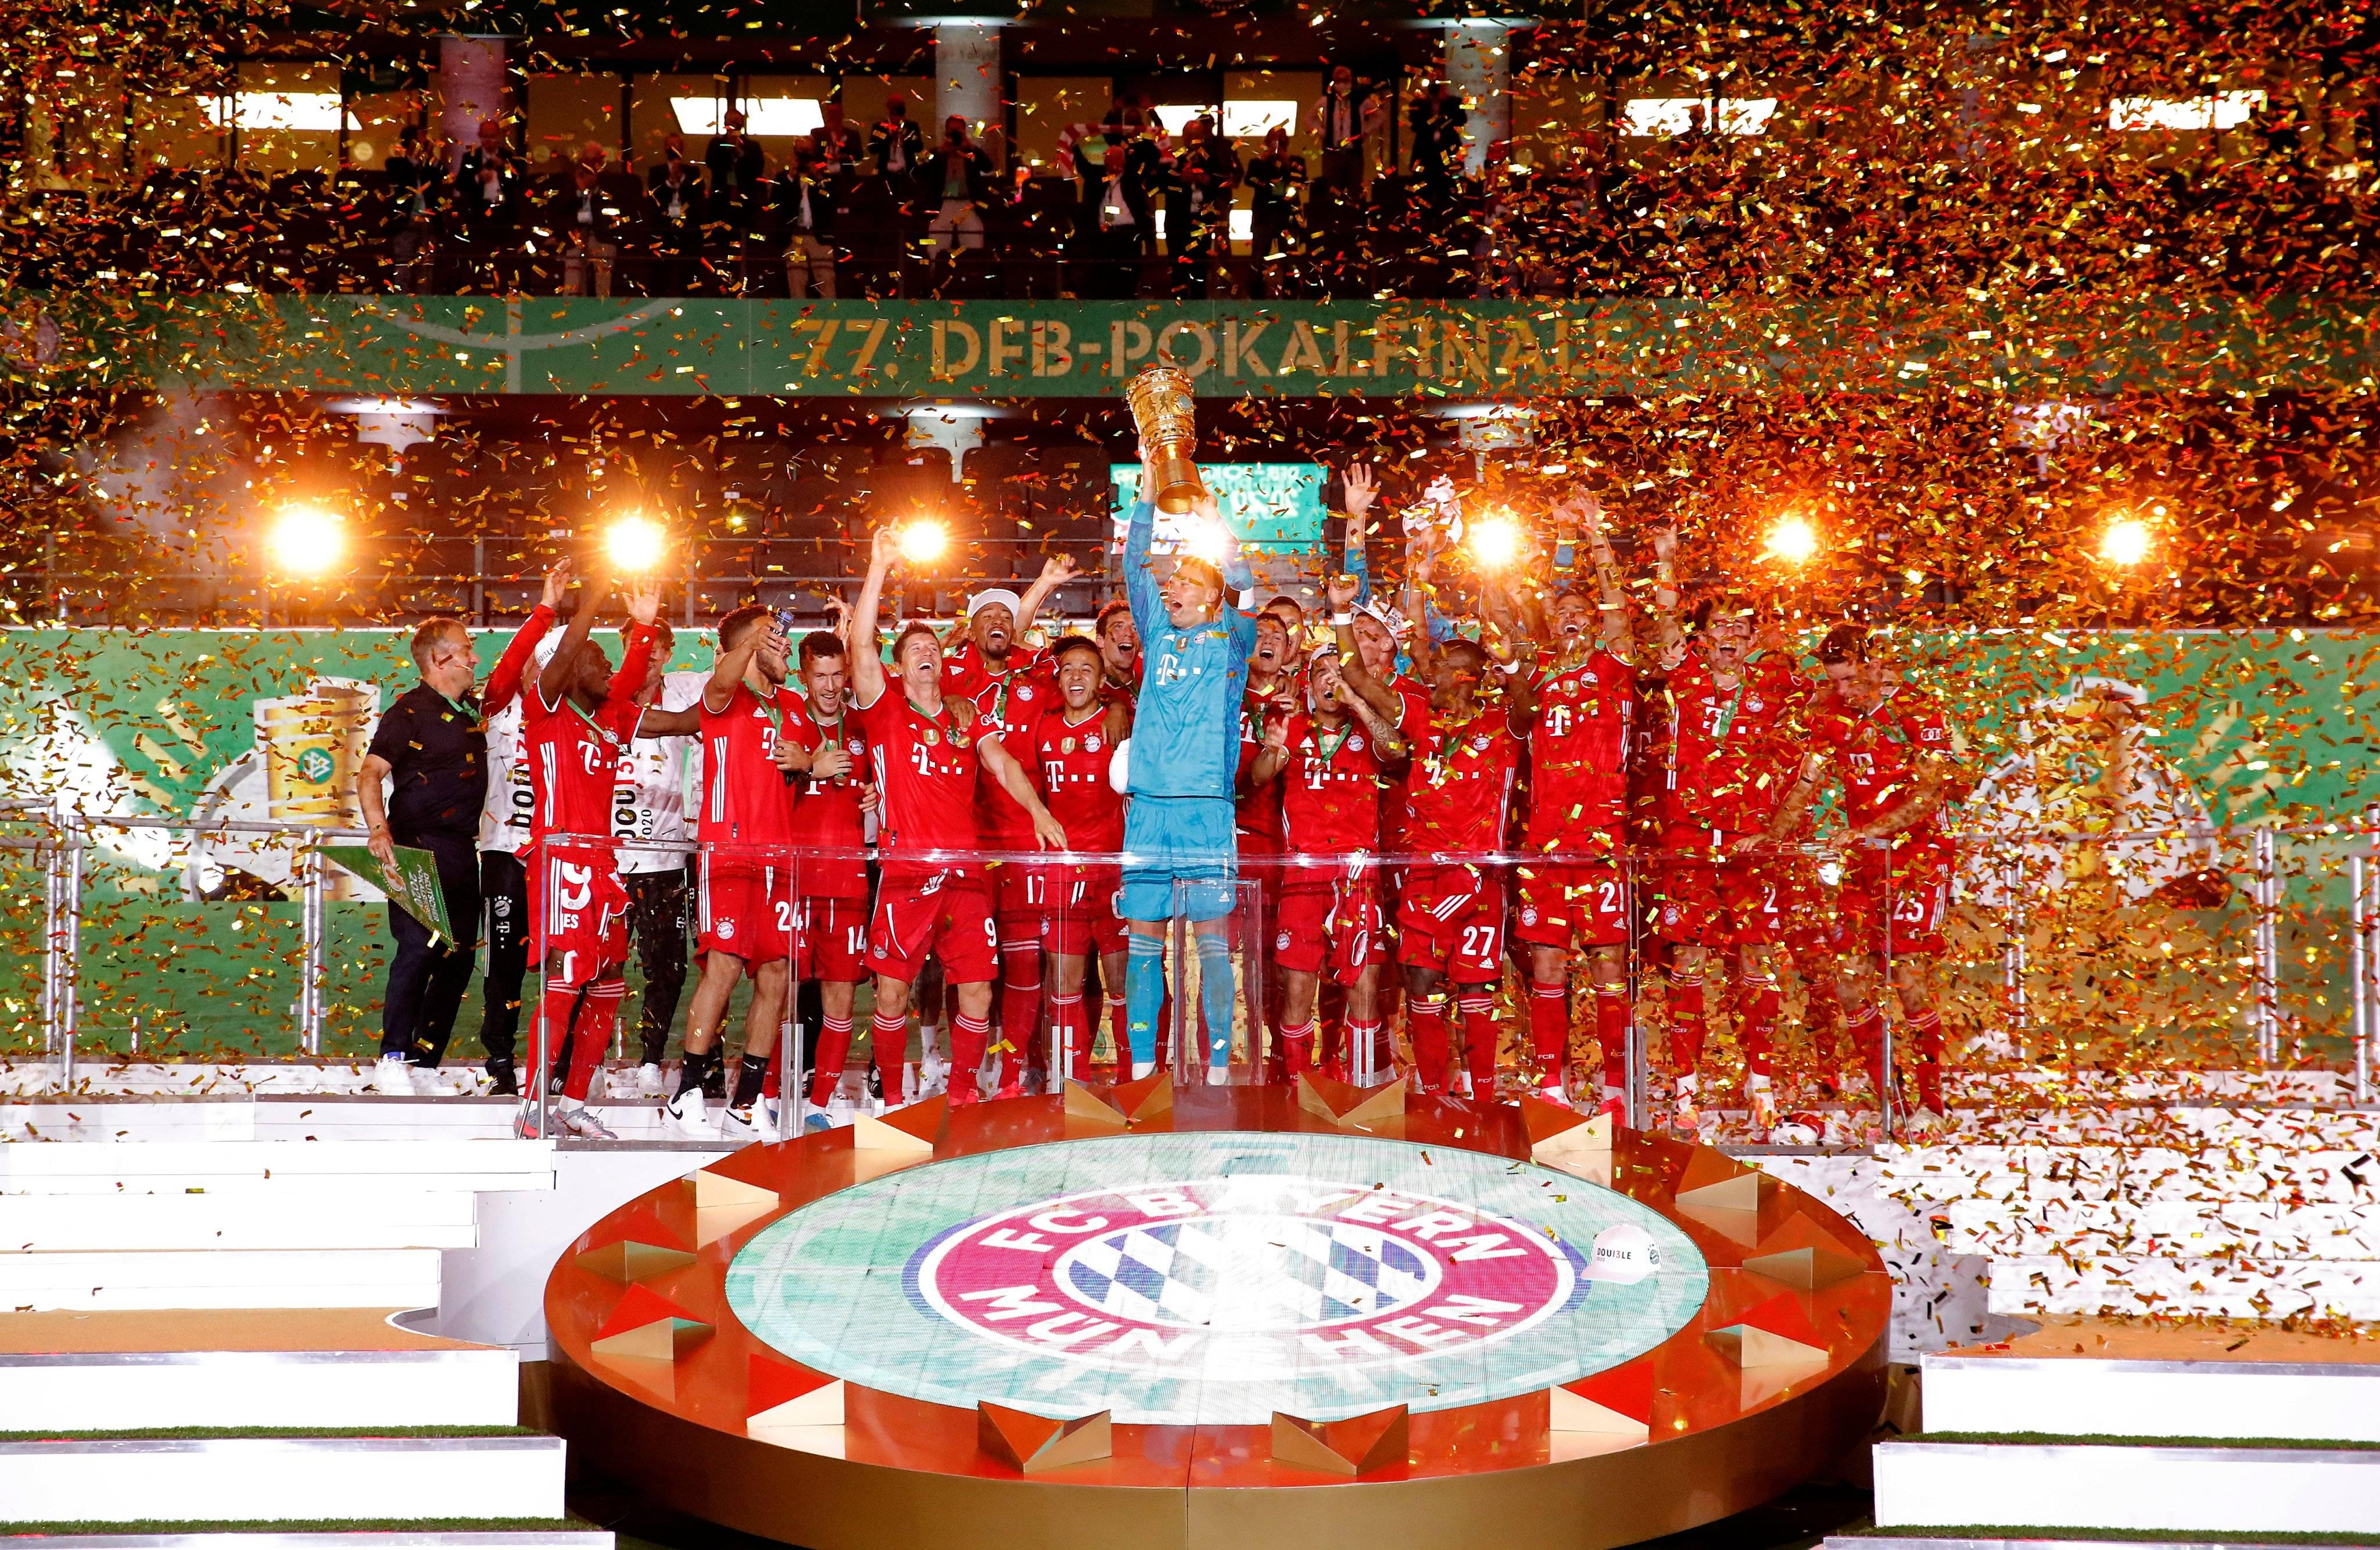 双冠王!拜仁诠释德甲无敌队 再接再厉冲欧洲三冠王